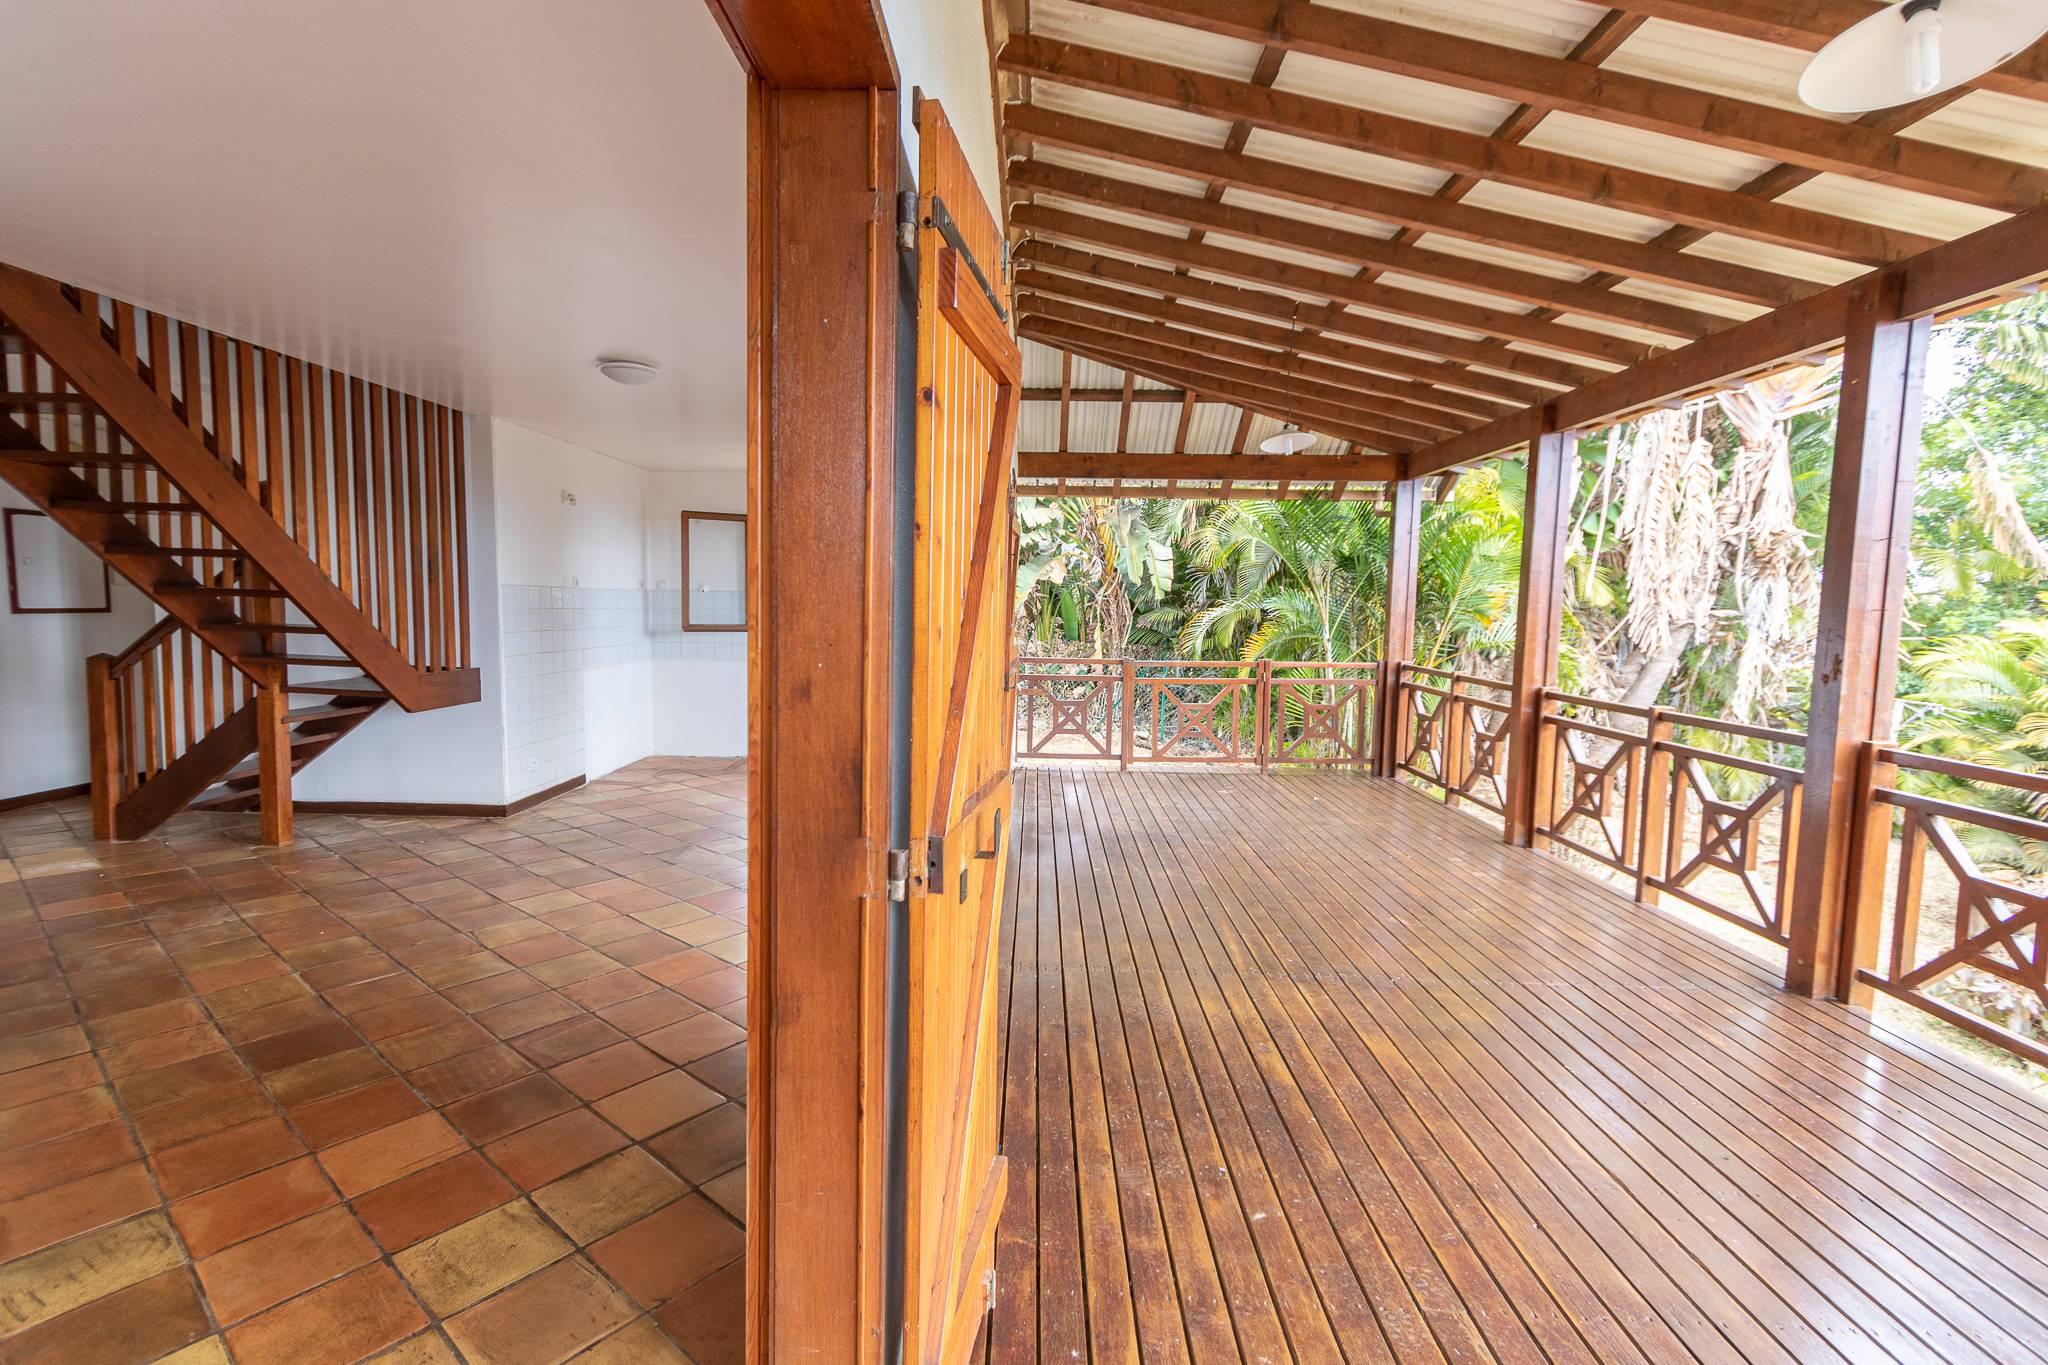 Possession-Pichette maison chaleureuse de 80m²habitables avec grand terrain sans vis à vis